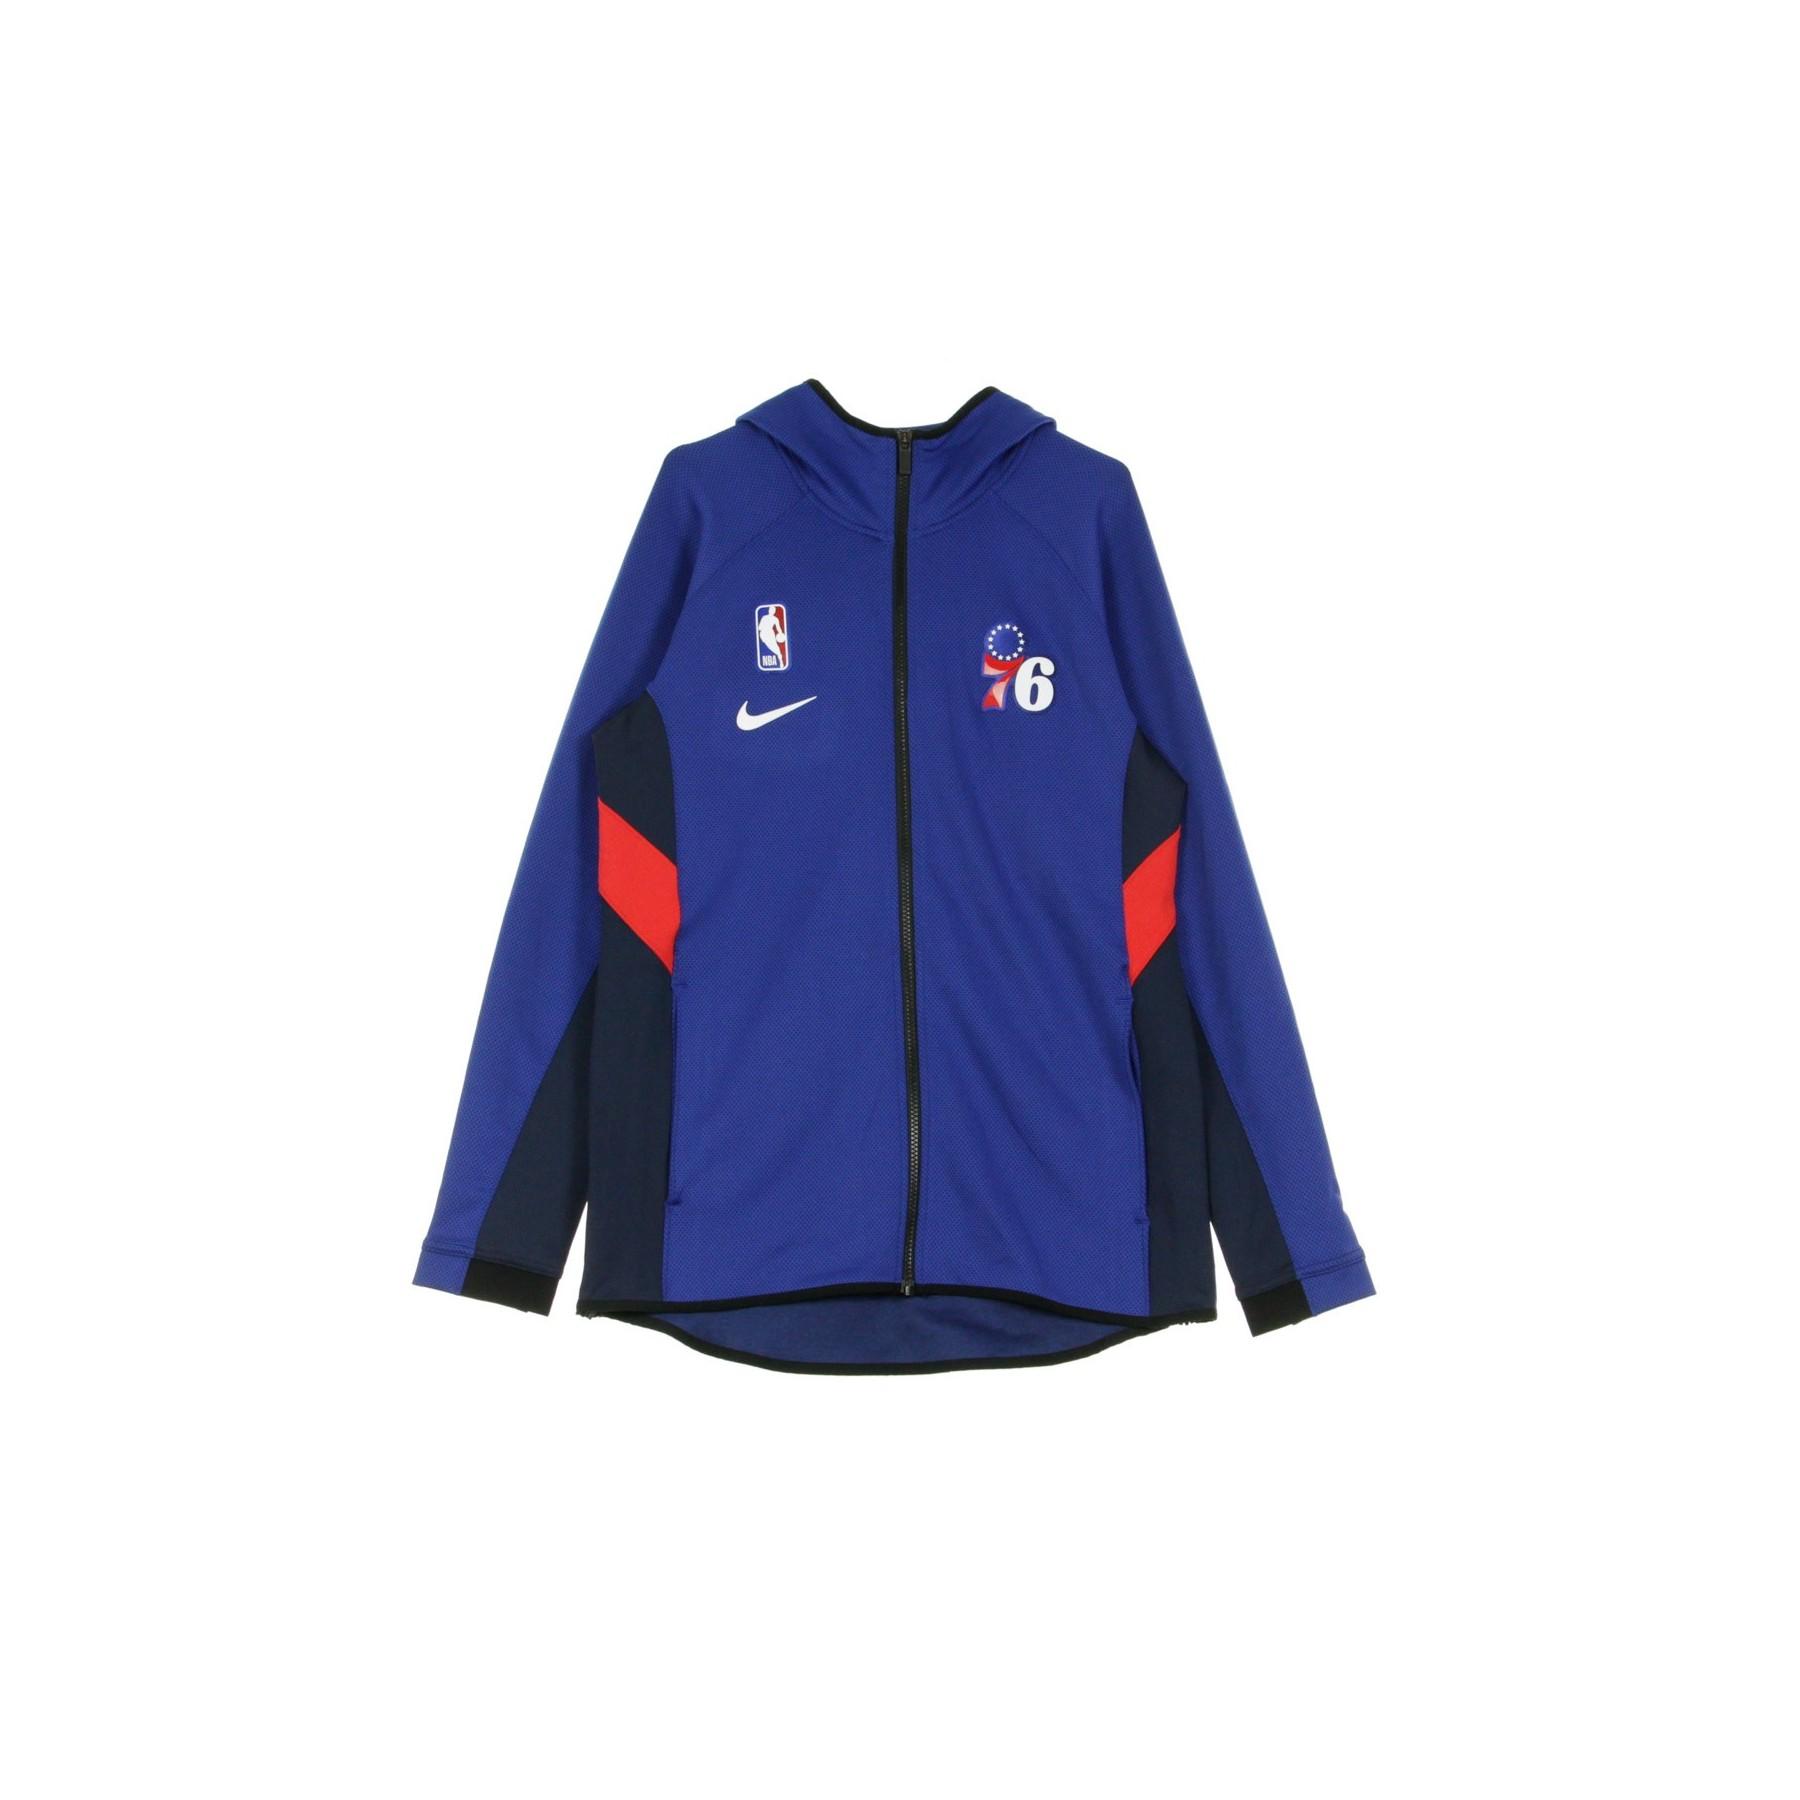 low priced 2e1e4 2993b GIACCHETTA NBA TERMA FLEX SHOWTIME HD FZ PHI76E RUSH BLUE/COLLEGE  NAVY/UNIVERSITY RED | Atipicishop.com